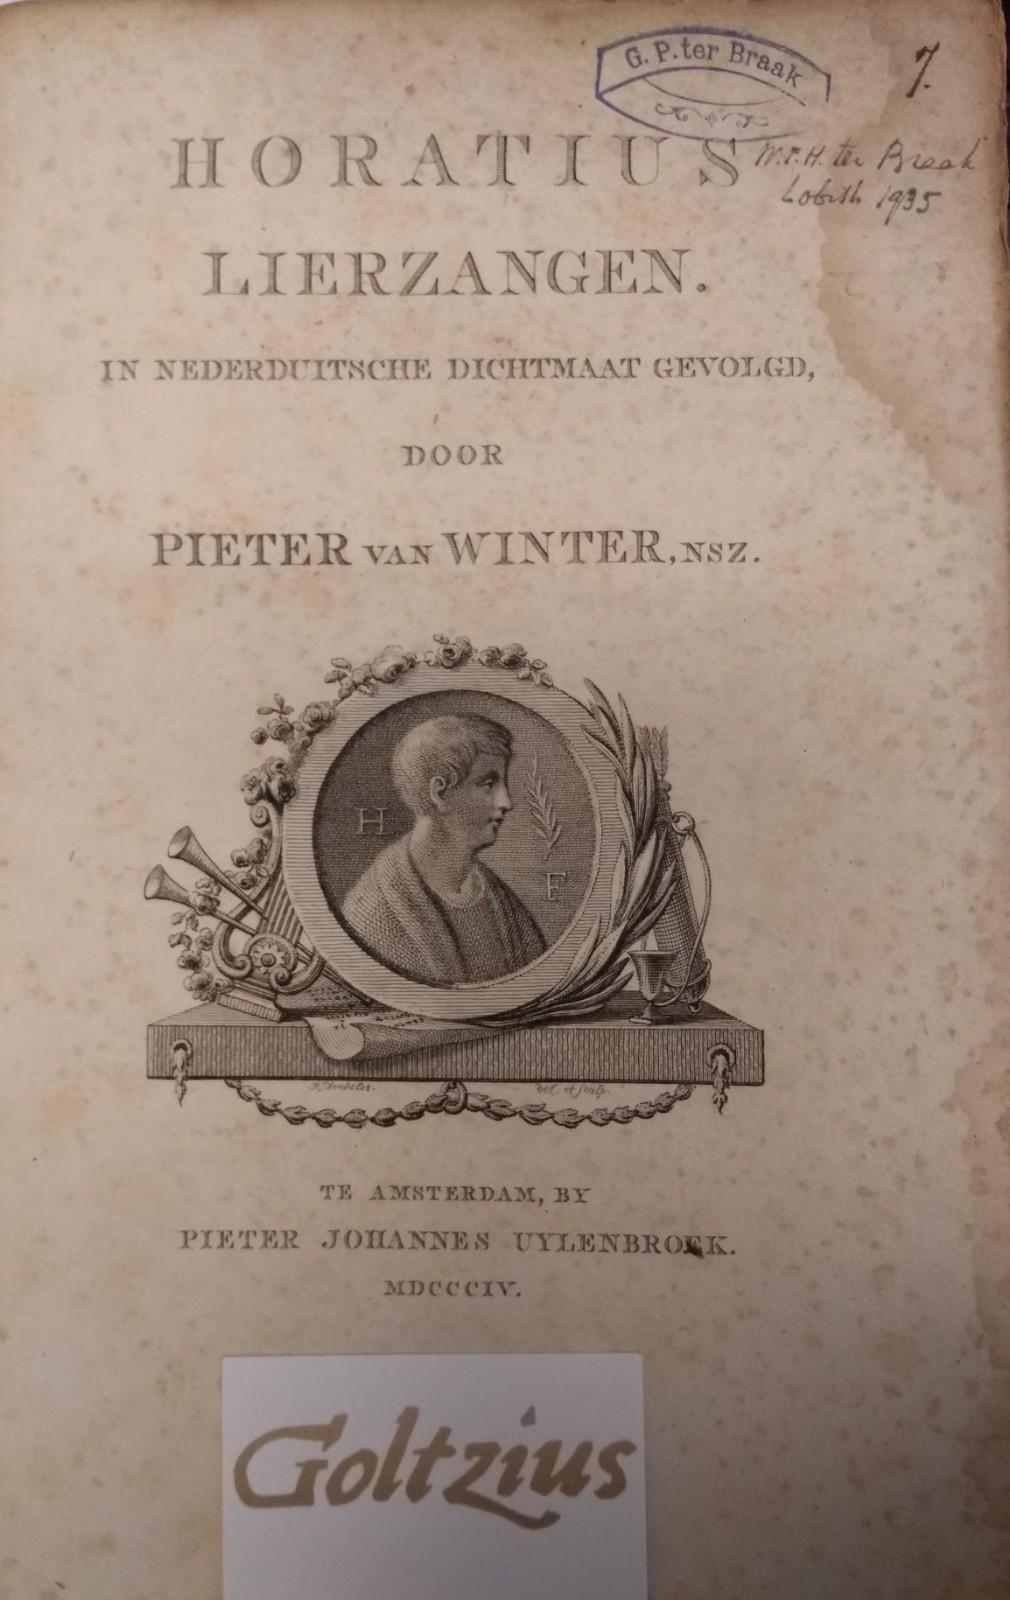 Pieter van Winter, NSZ. Horatius lierzangen in Nederduitsche dichtmaat gevolgd